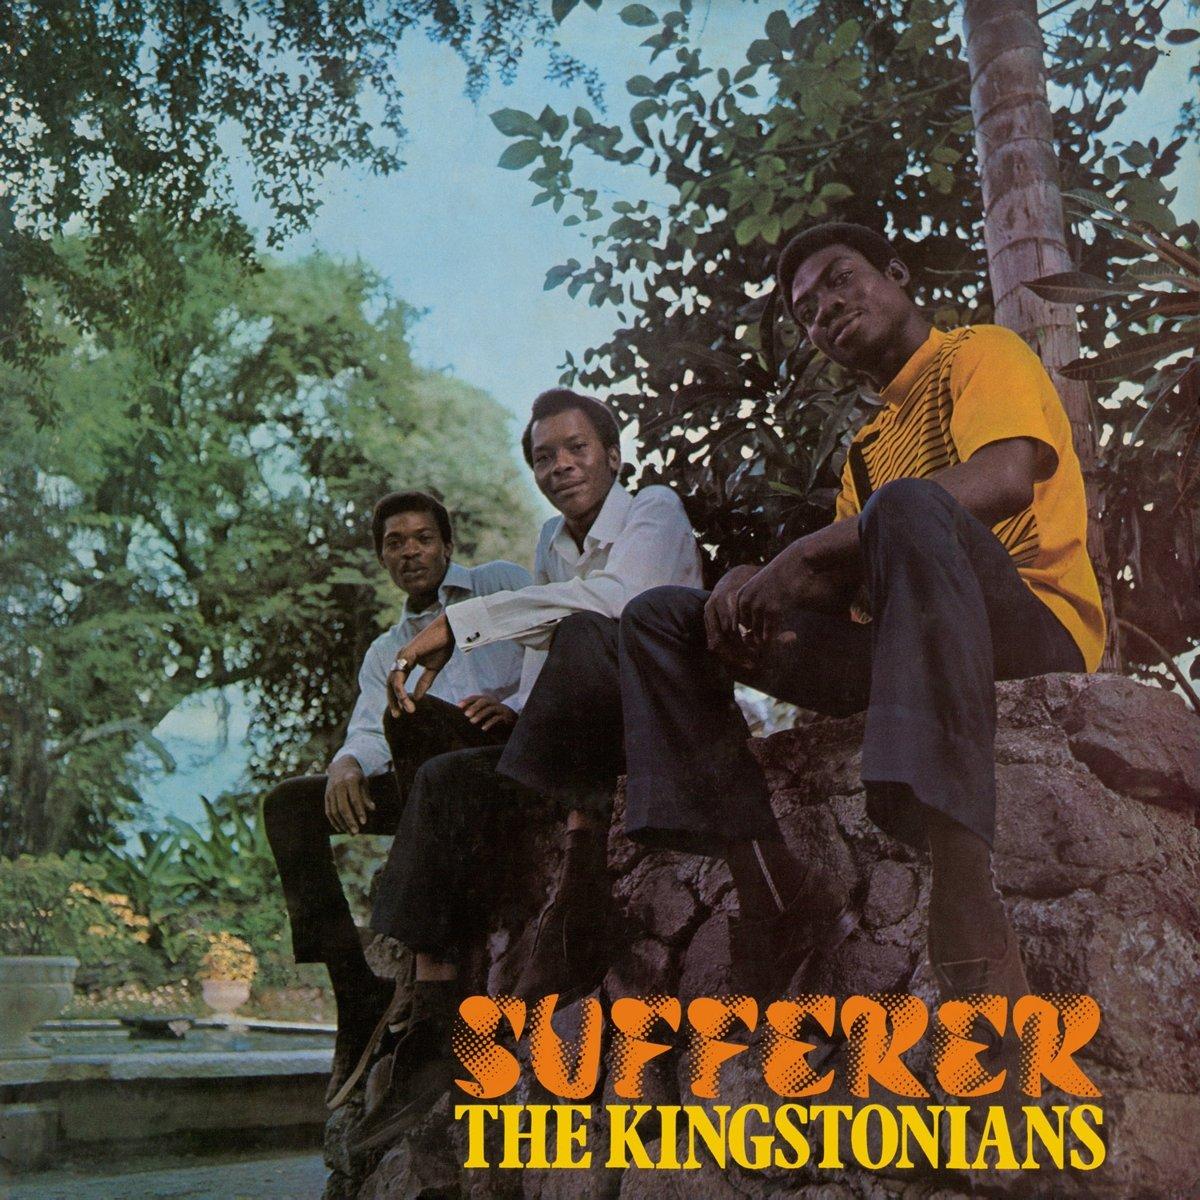 The Kingstonians - SUFFERER -HQ/COLOURED- | Vinyl kopen